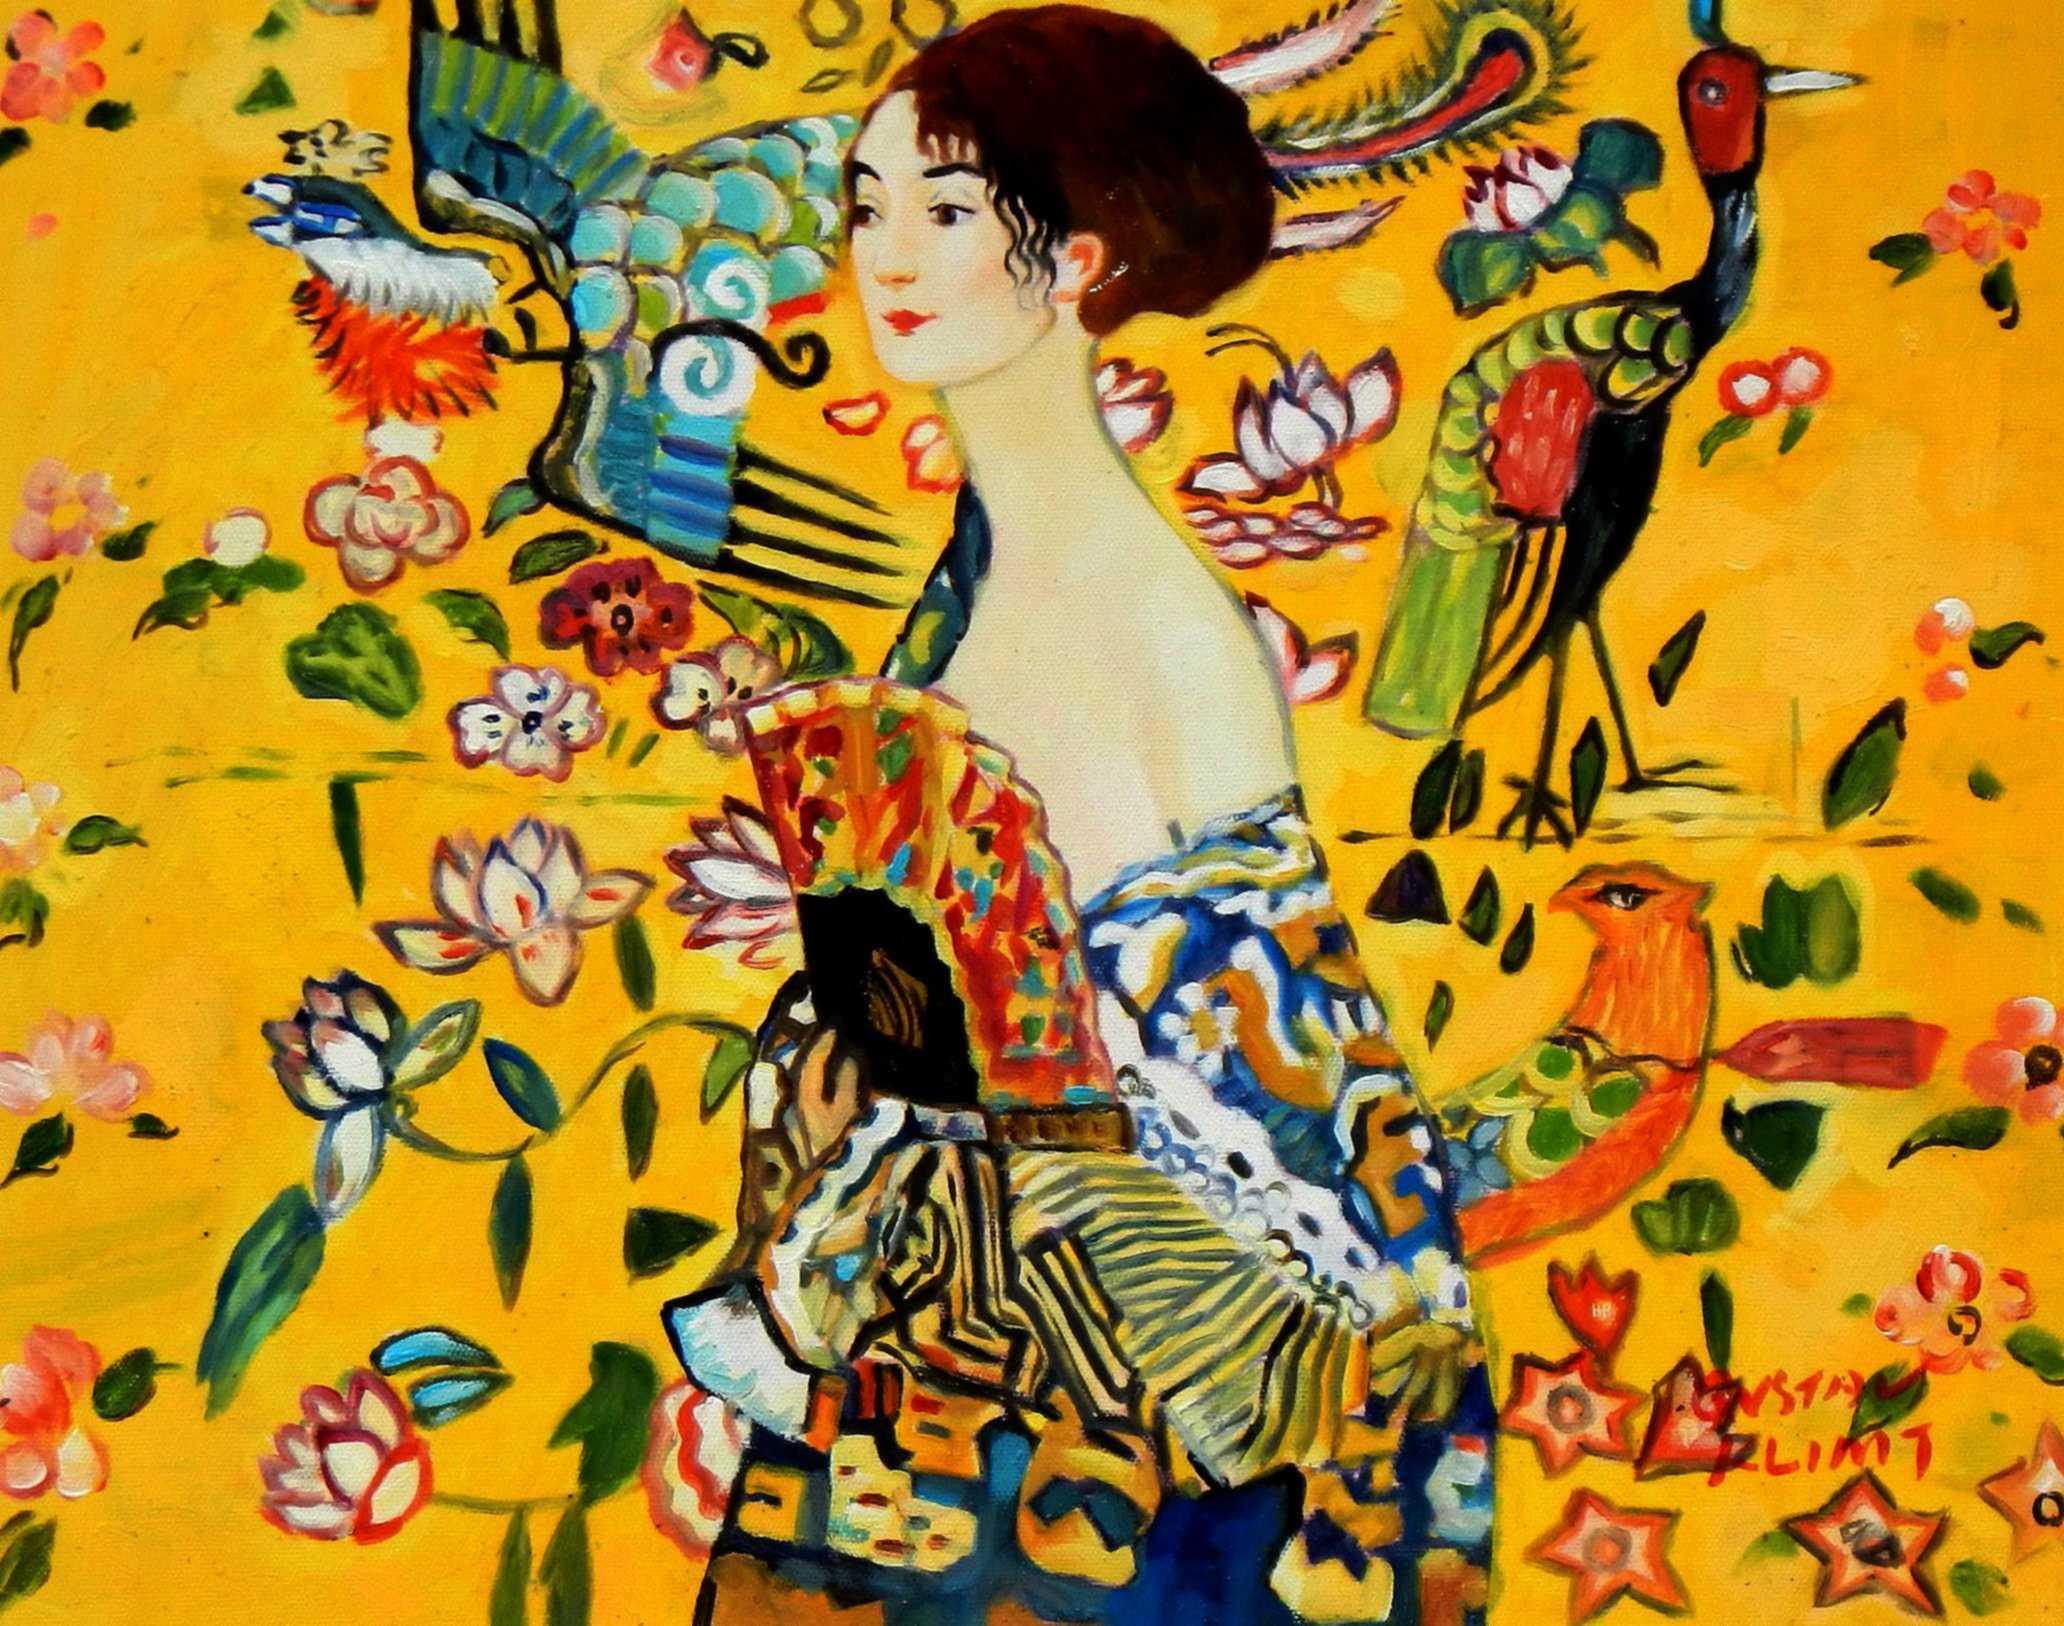 Gustav Klimt - Frau mit Fächer a95079 30x40cm Jugendstil Ölgemälde handgemalt